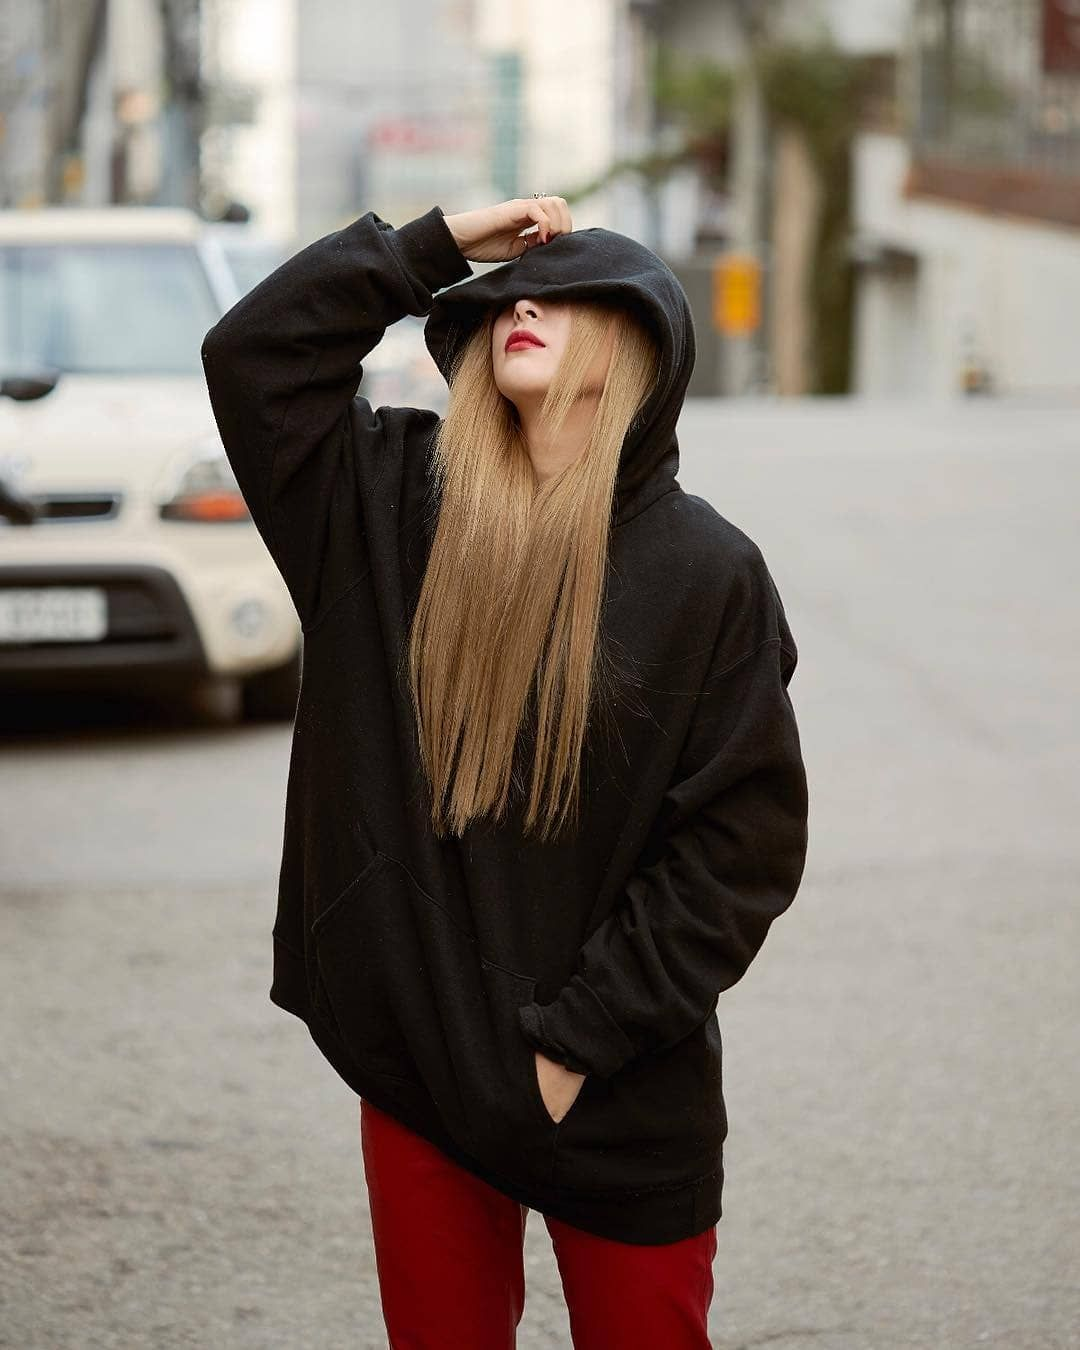 Converse Korea 🐻👟👑 #seulgi_is_seulgi  #ReallyBadSeulgi #RBB #ReallyBadBoy #seulgi #redvelvet #kangseulgi #슬기  #ddeulgi #94liner  #kpop…